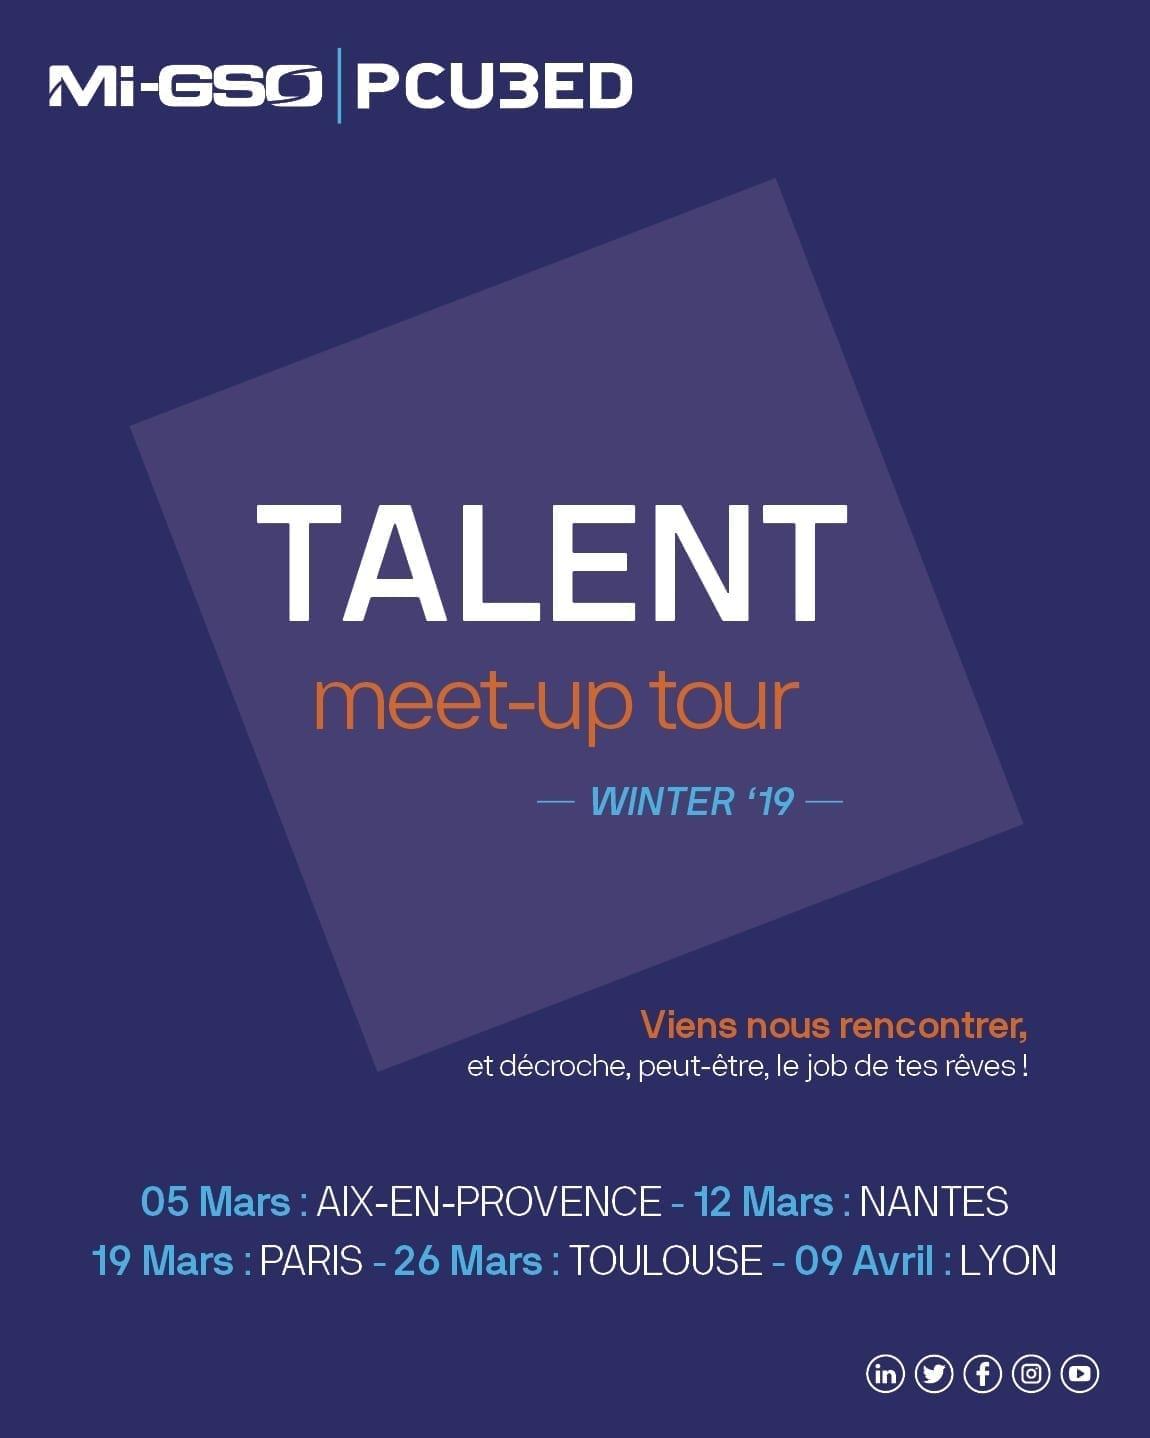 Visual TALENT meet-up tour Winter 19